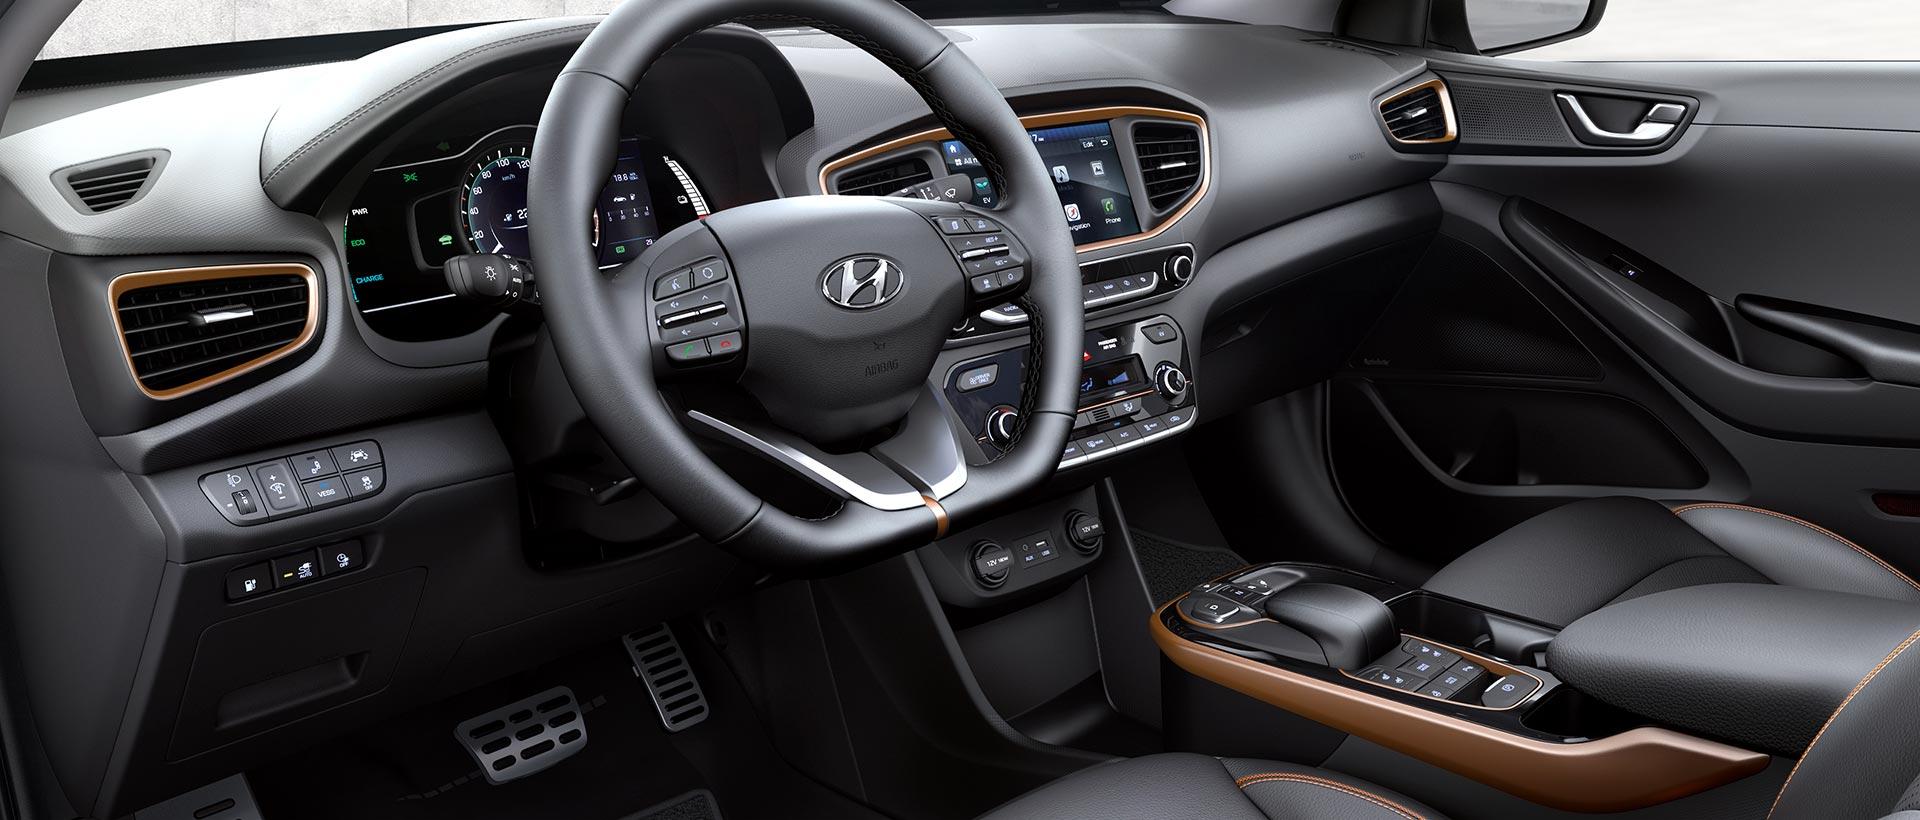 Hyundai IONIQ Ekološki prihvatljivi materijali